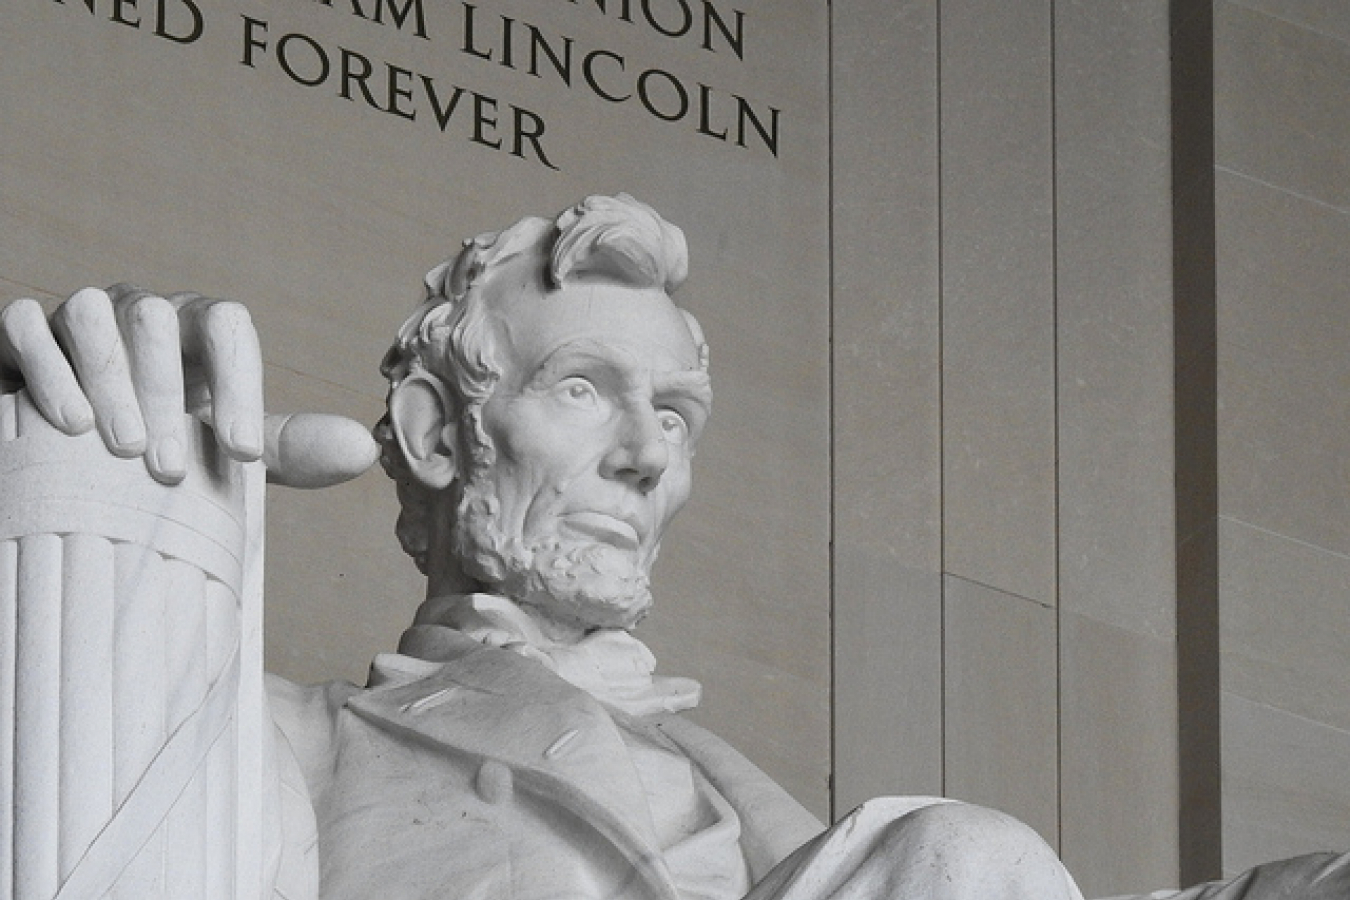 Lincoln Memorial, National Mall, Washington, DC, USA